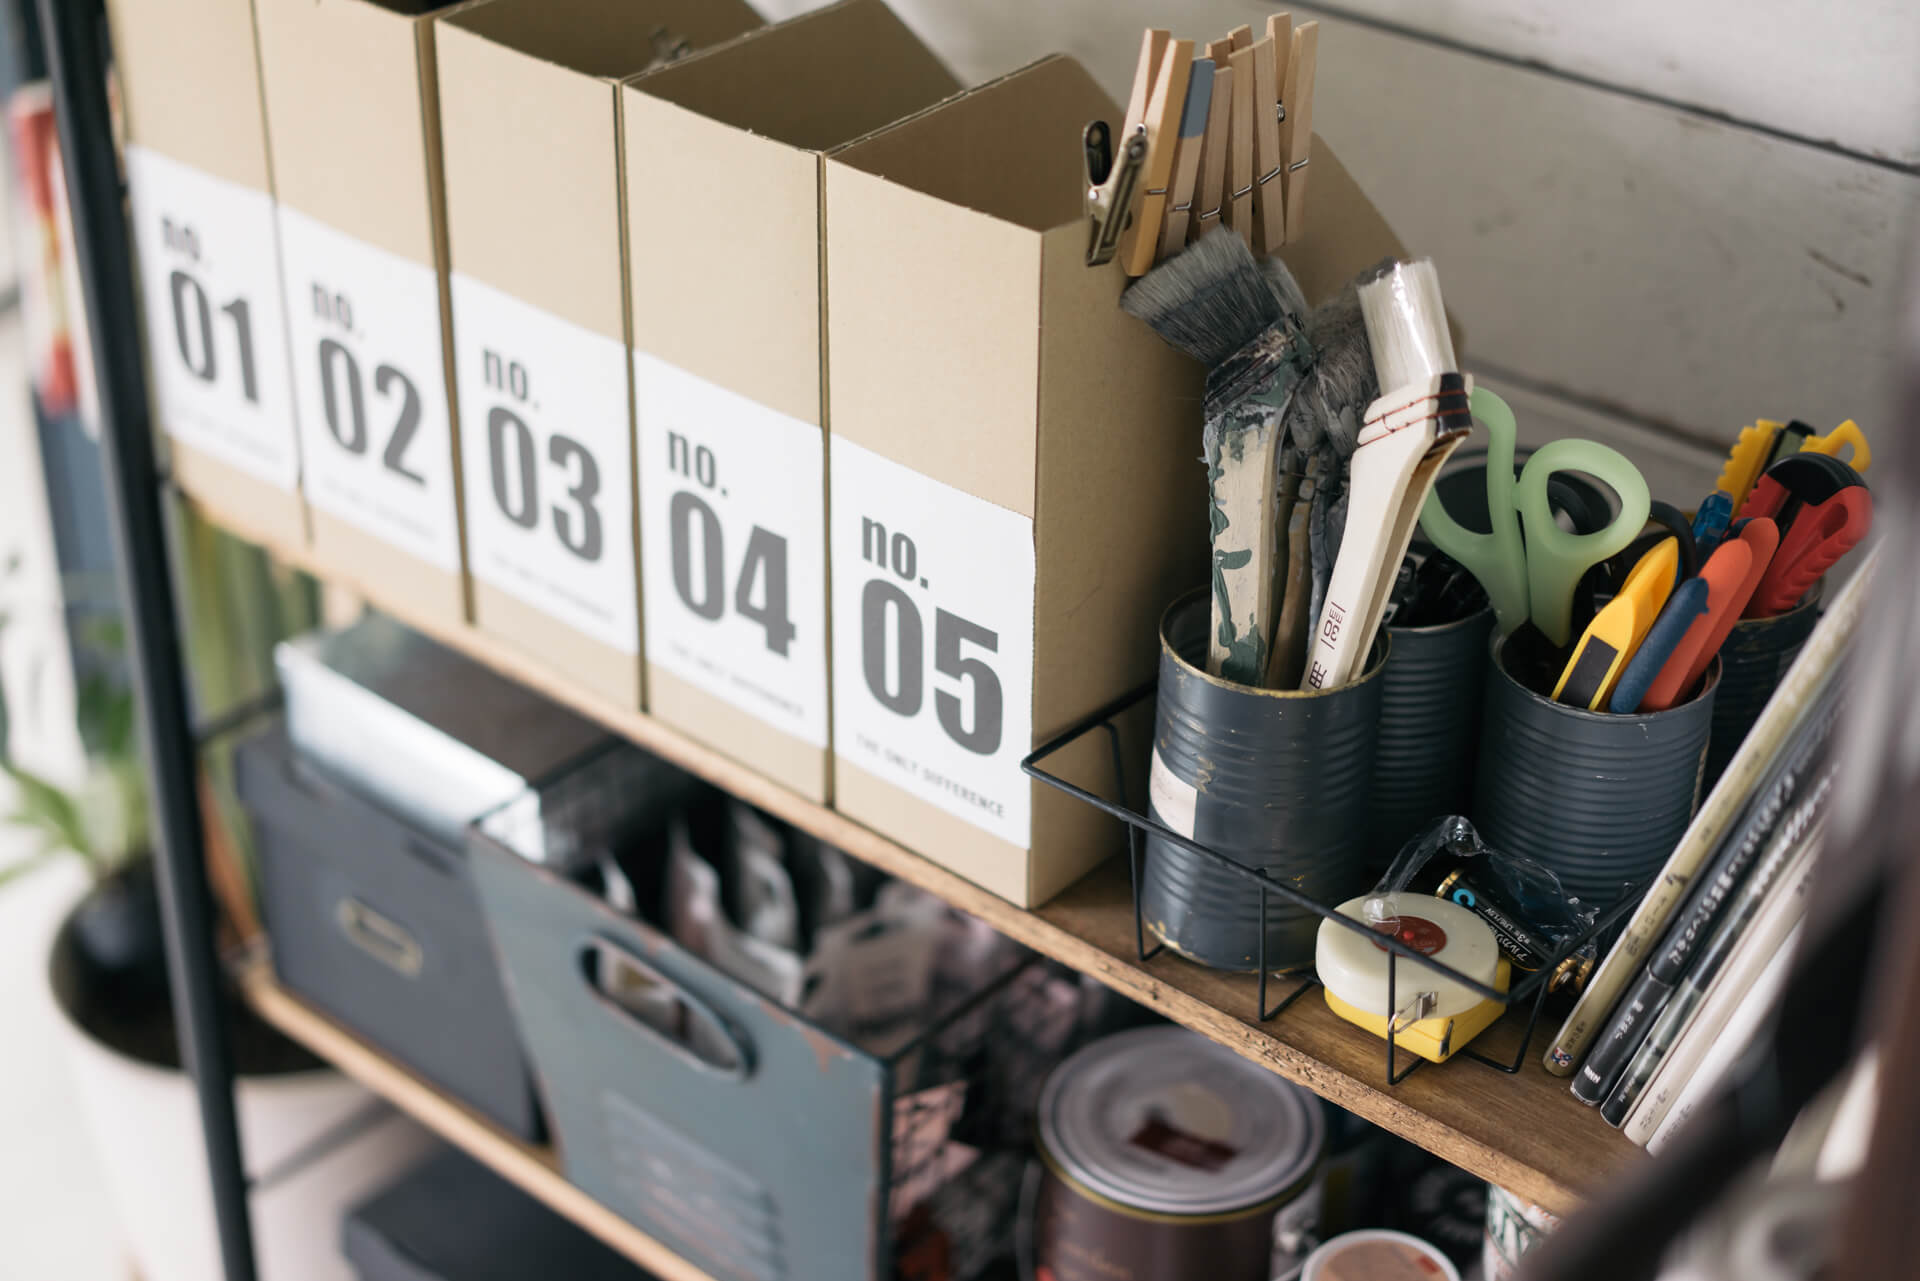 あ、DIYの道具もおしゃれに収納されていました!